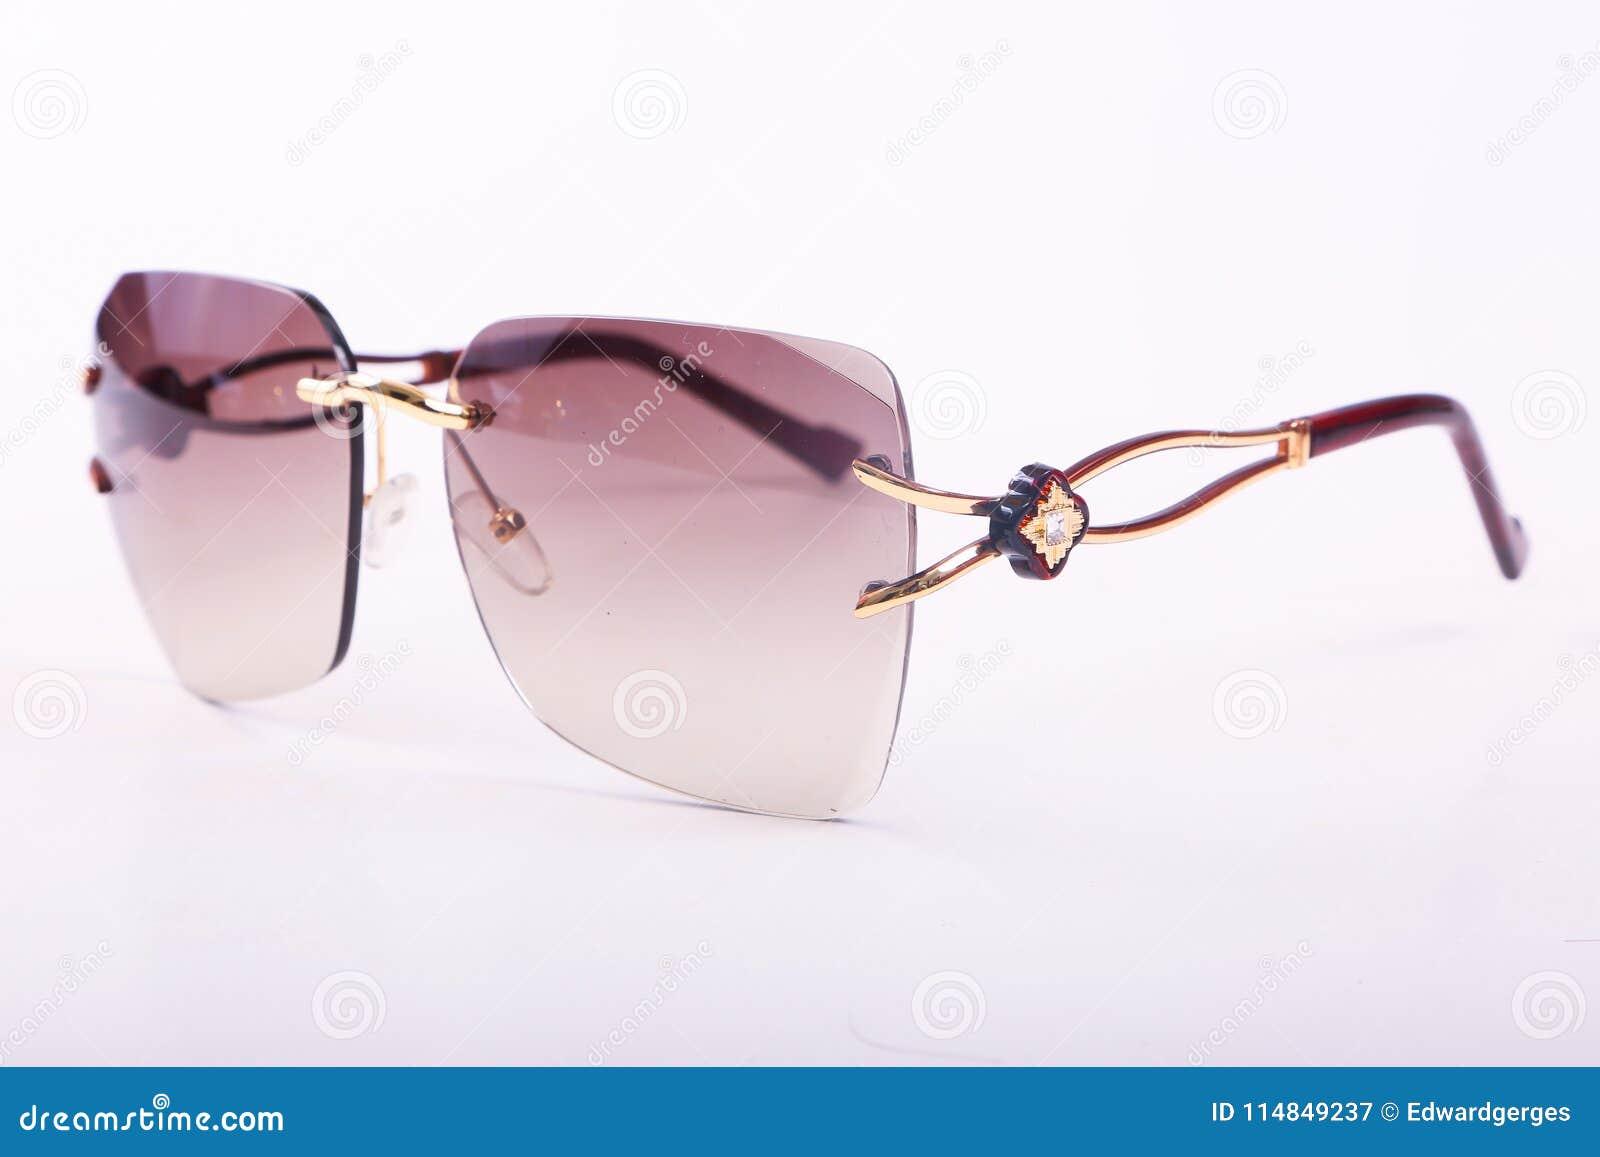 Gafas de sol para las mujeres modernas